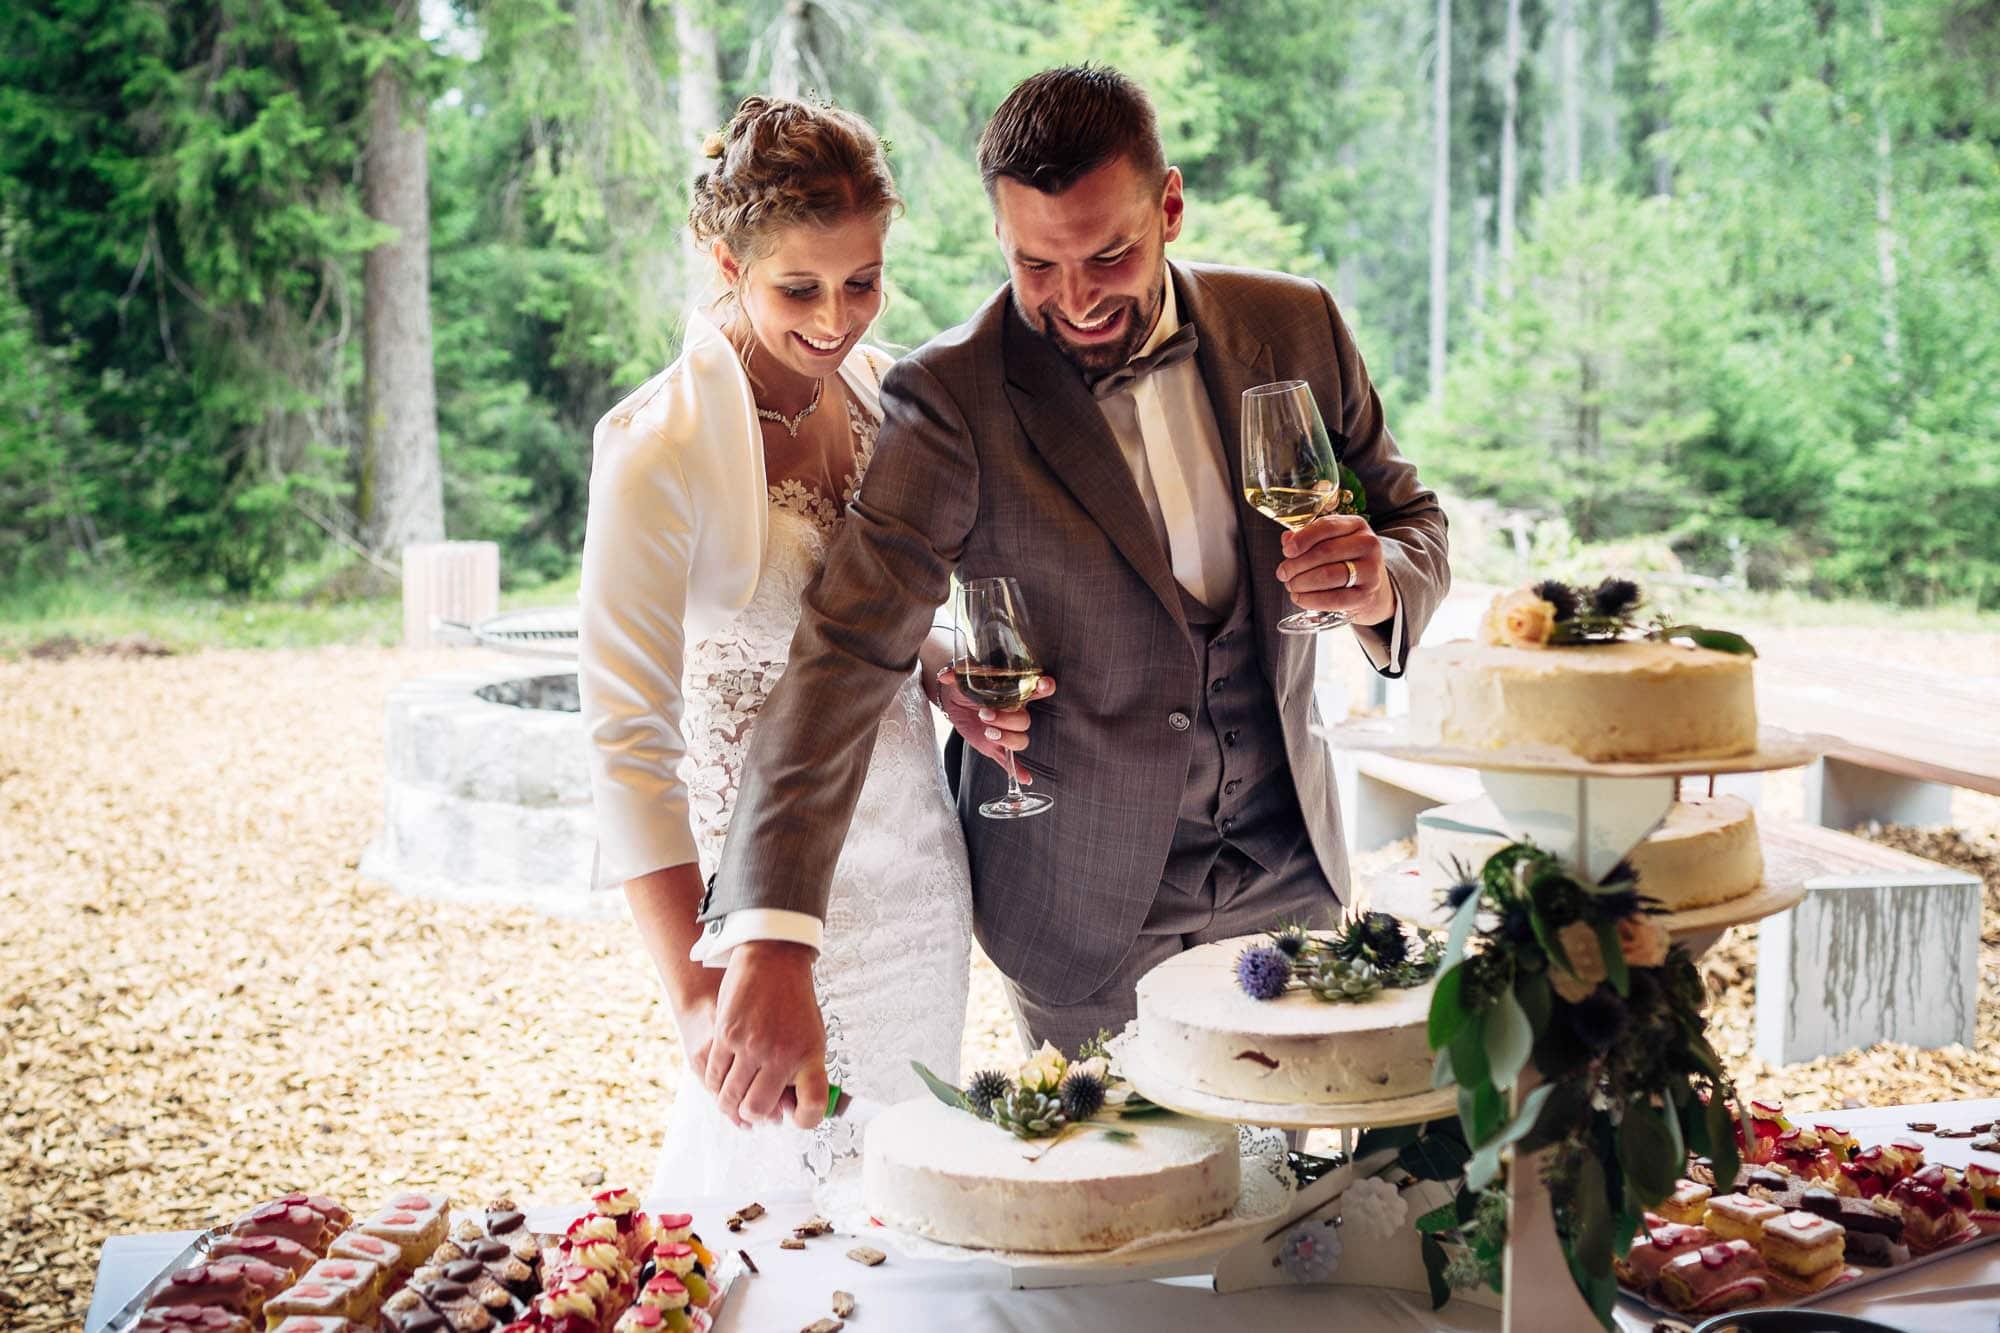 Brautpaar schneidet Hochzeitstorte